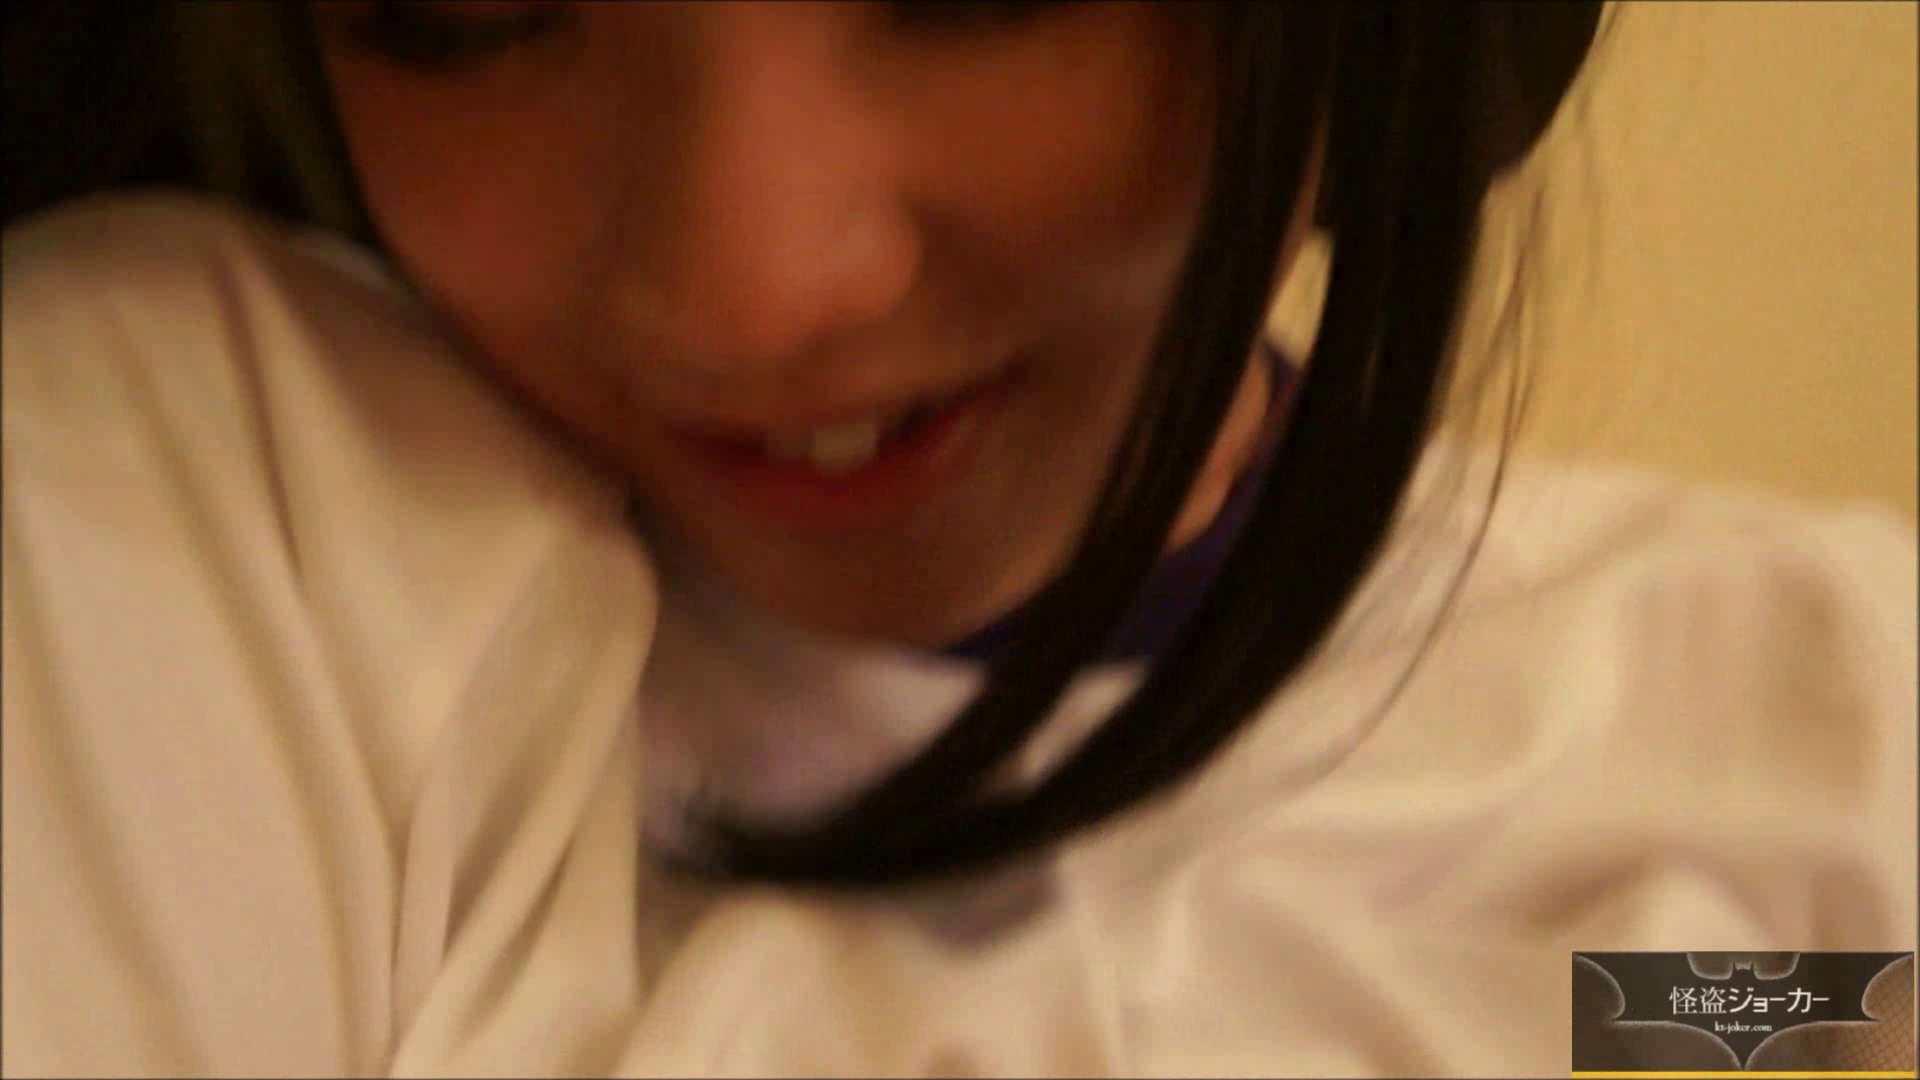 【未公開】vol.42 体操着の小春・・・口淫・自慰・非避妊 いじくり  93枚 84